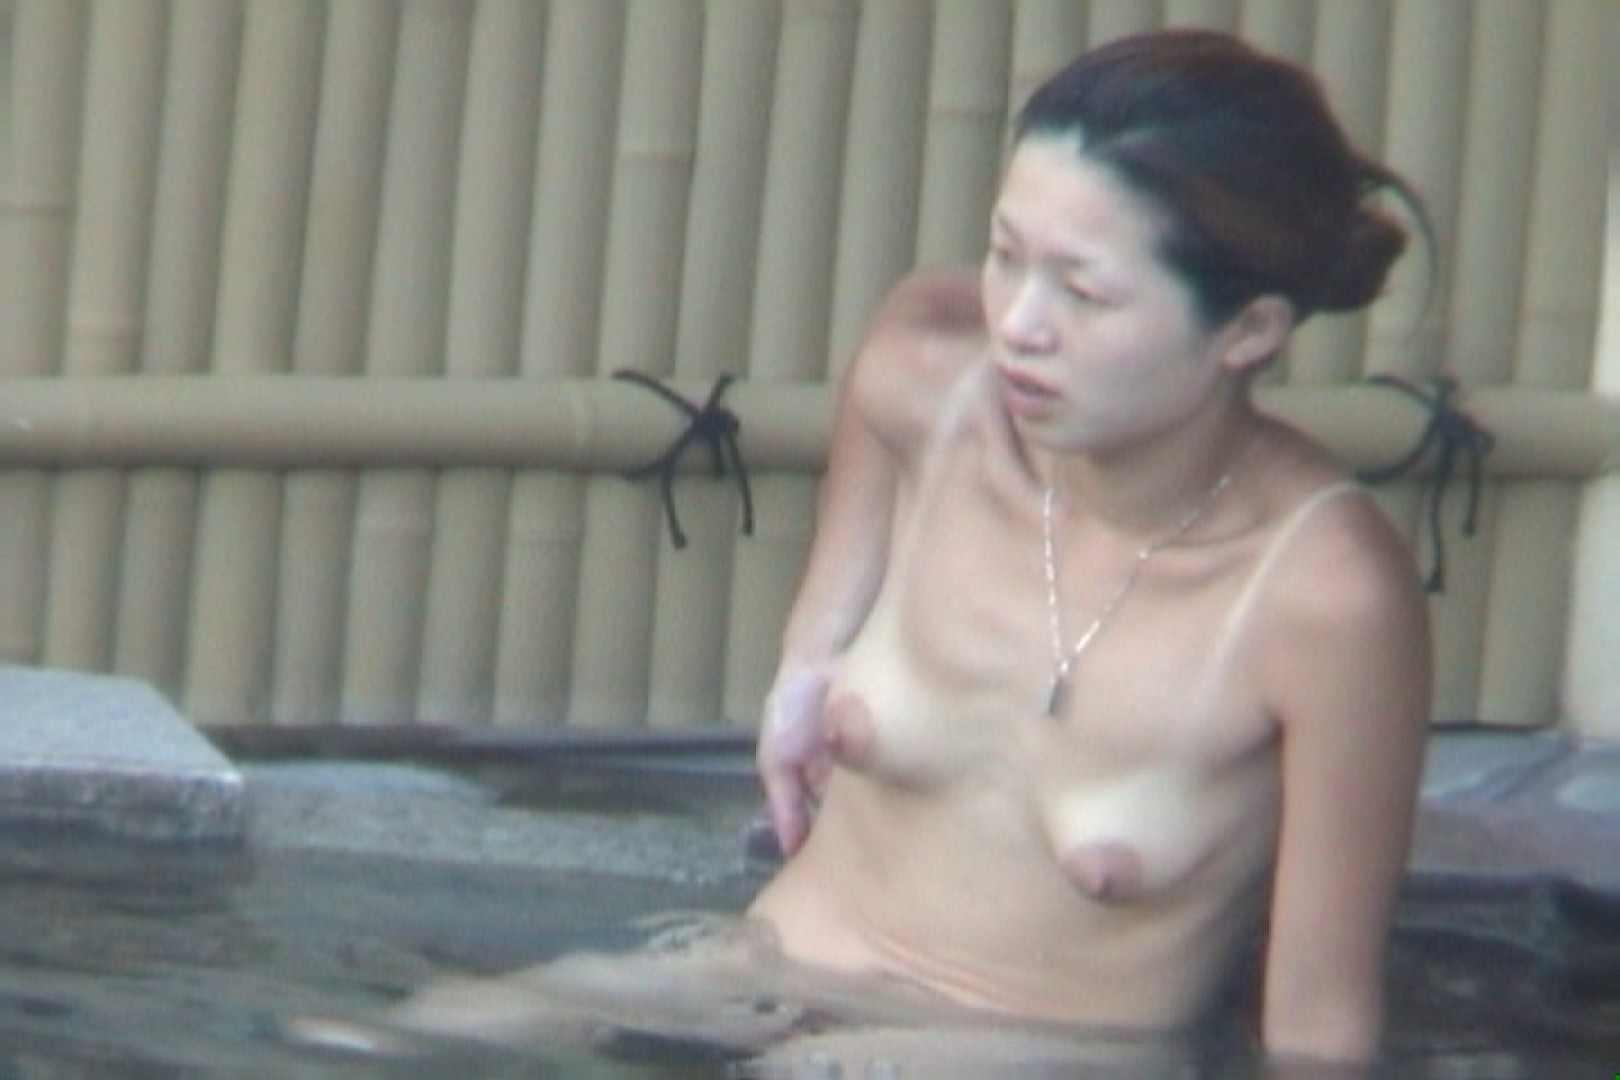 Aquaな露天風呂Vol.571 盗撮師作品 セックス無修正動画無料 99pic 8